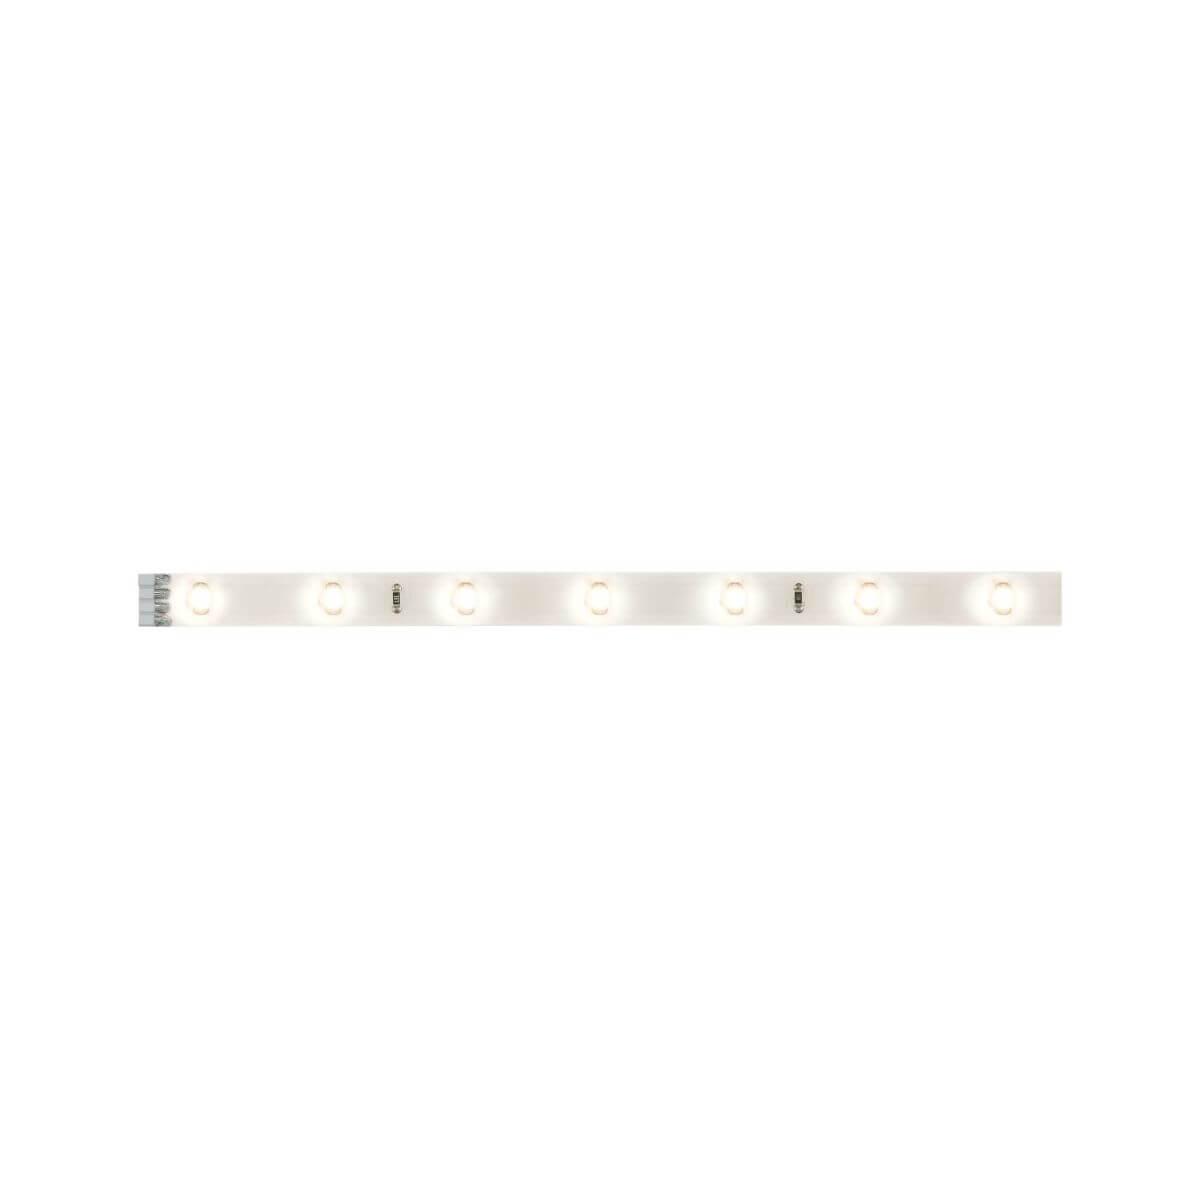 Paulmann YourLED Stripe Set 3x 97 cm Warmweiß IP44 Weiß, klar beschichtet